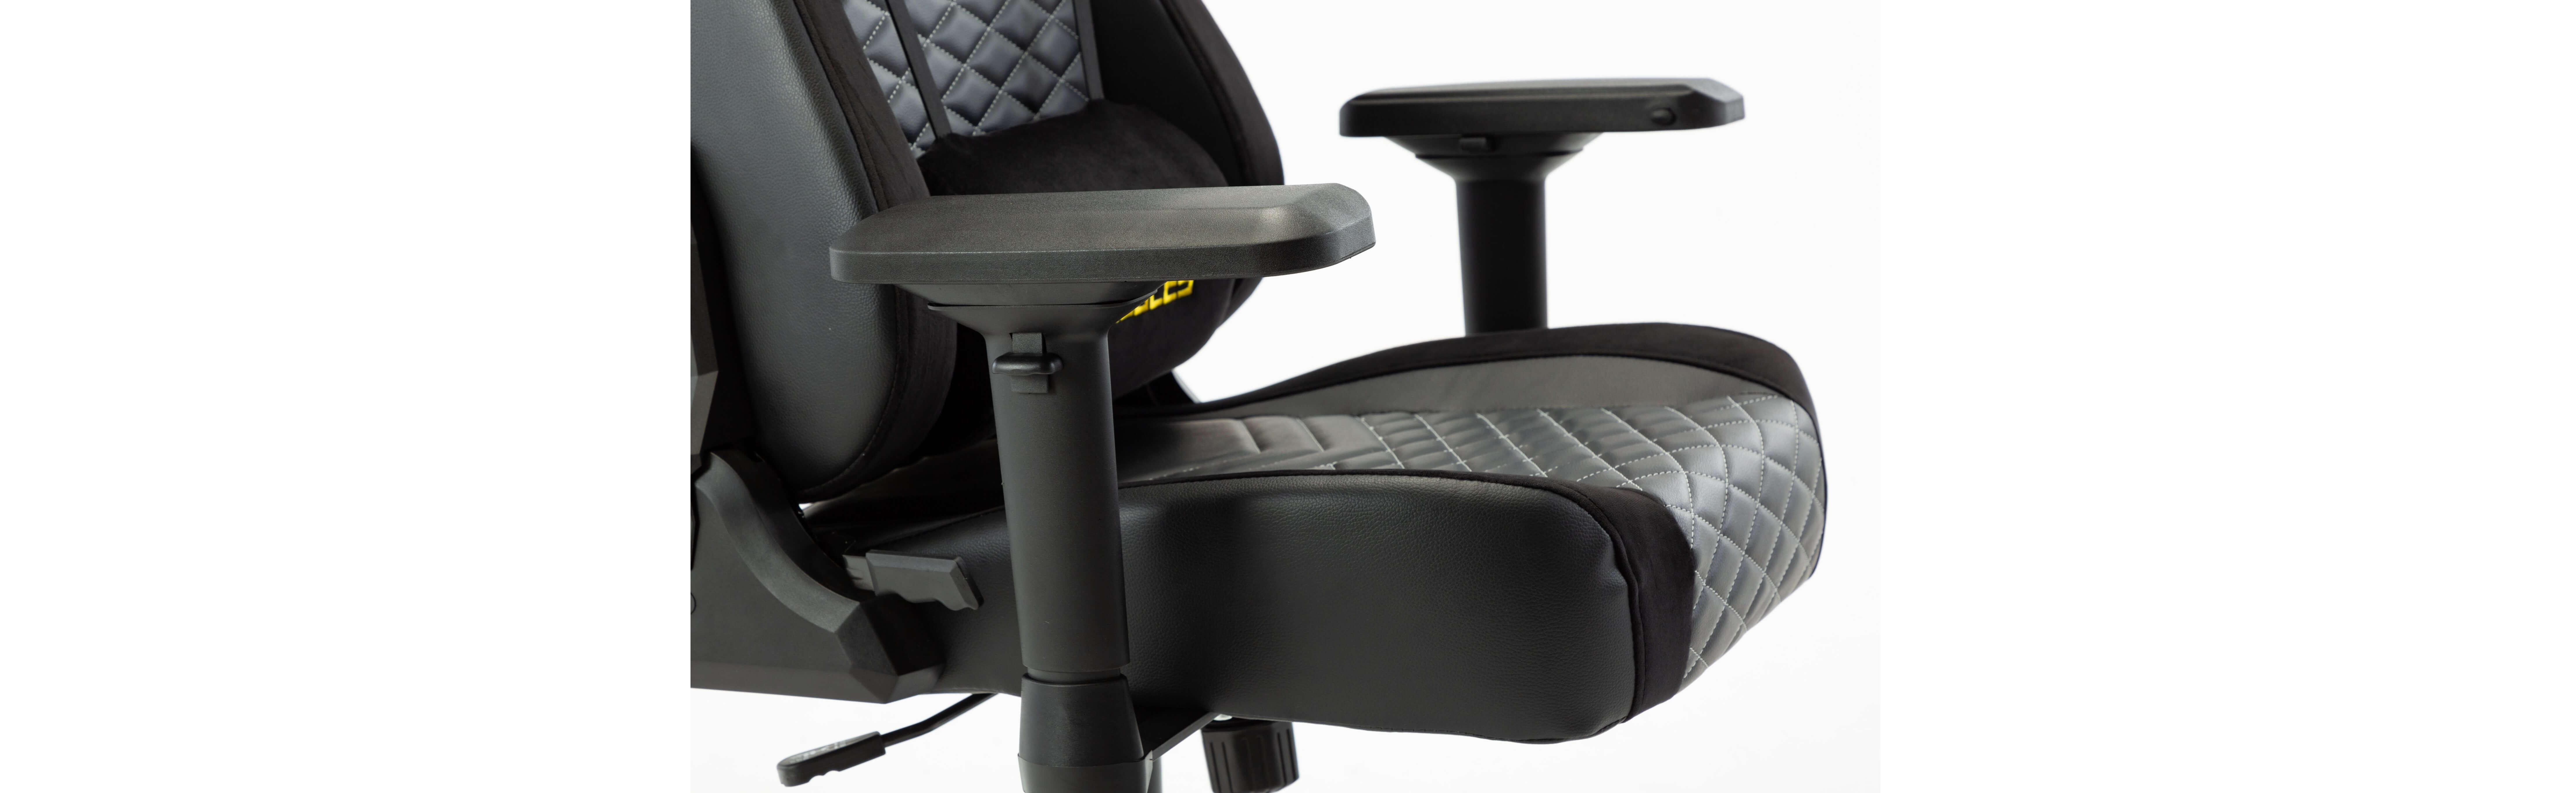 Ghế gamer E-Dra Hercules EGC203 Pro có đệm ngồi siêu dày